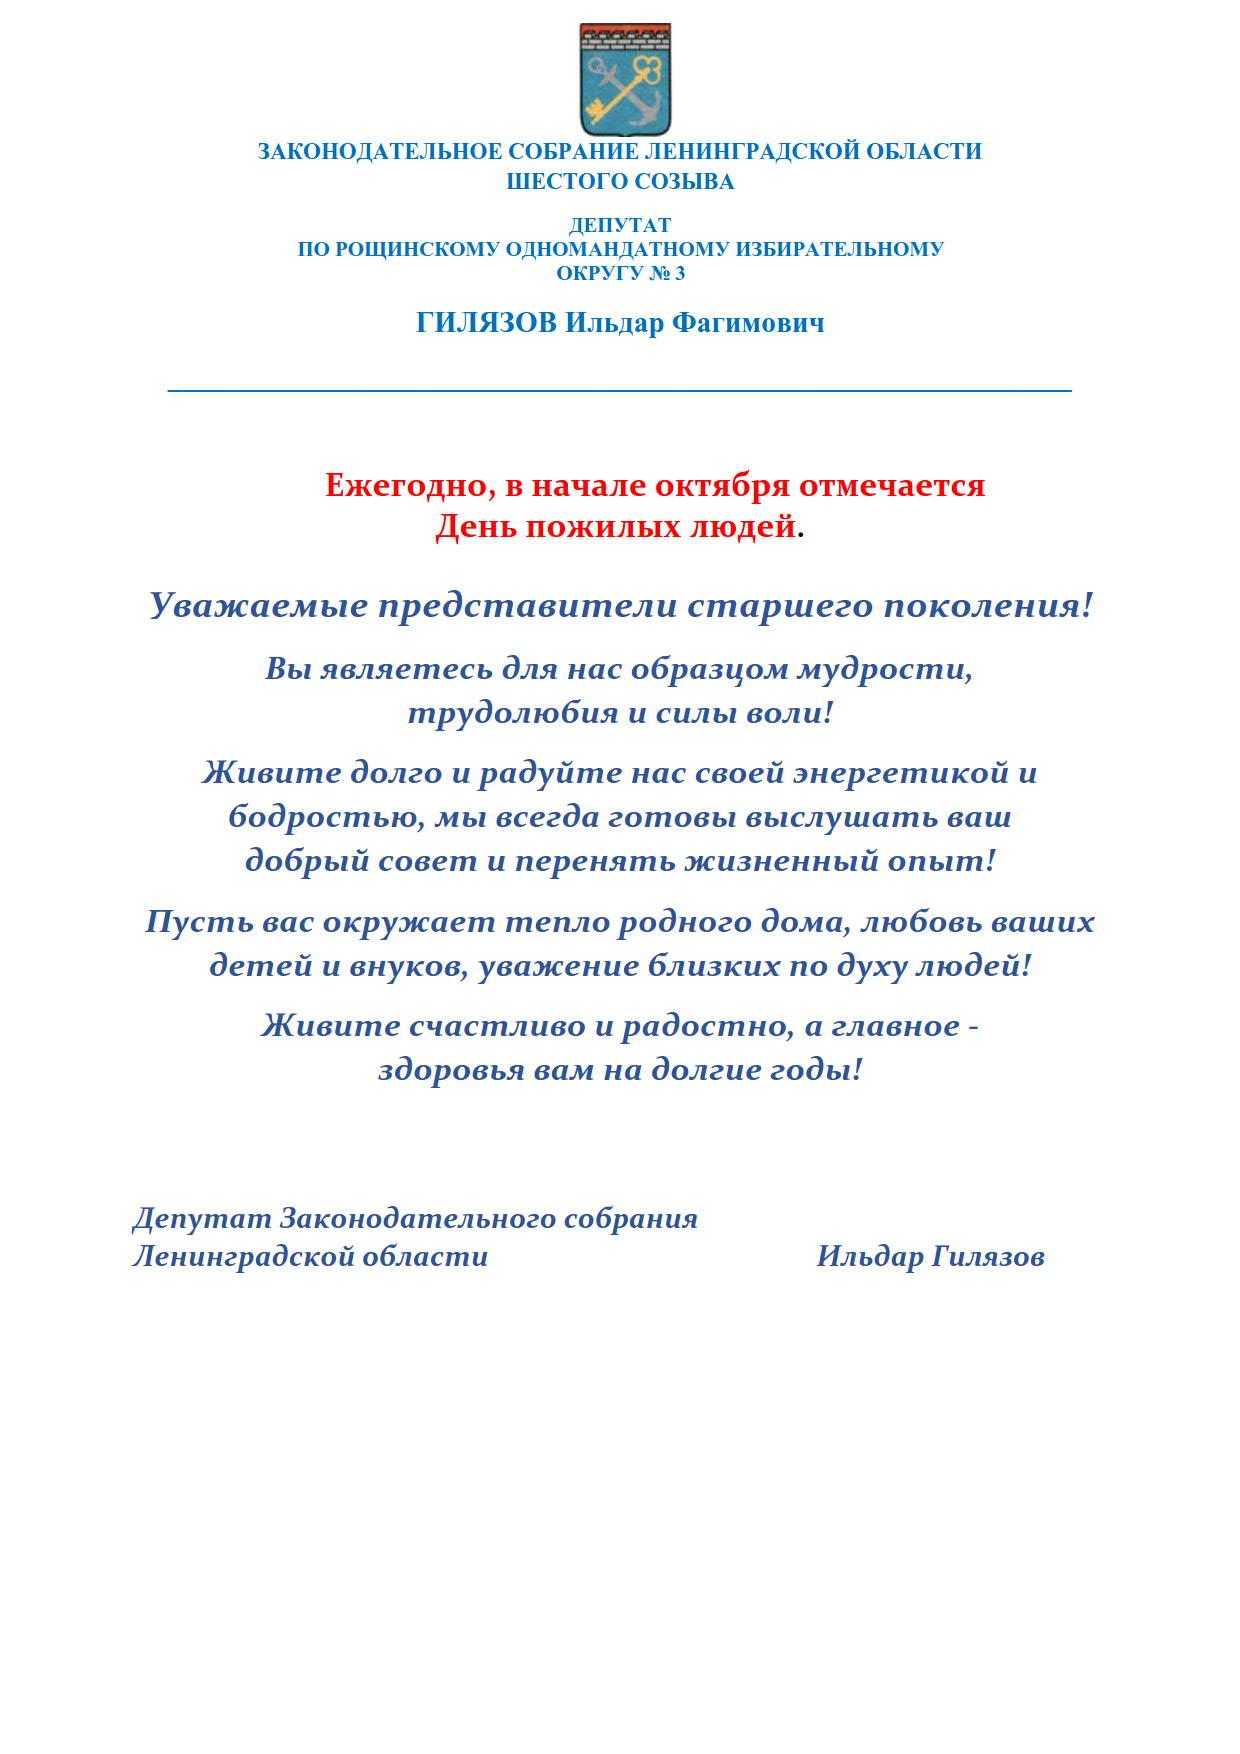 с ДНЕМ ПОЖИЛОГО ЧЕЛОВЕКА 2018_1